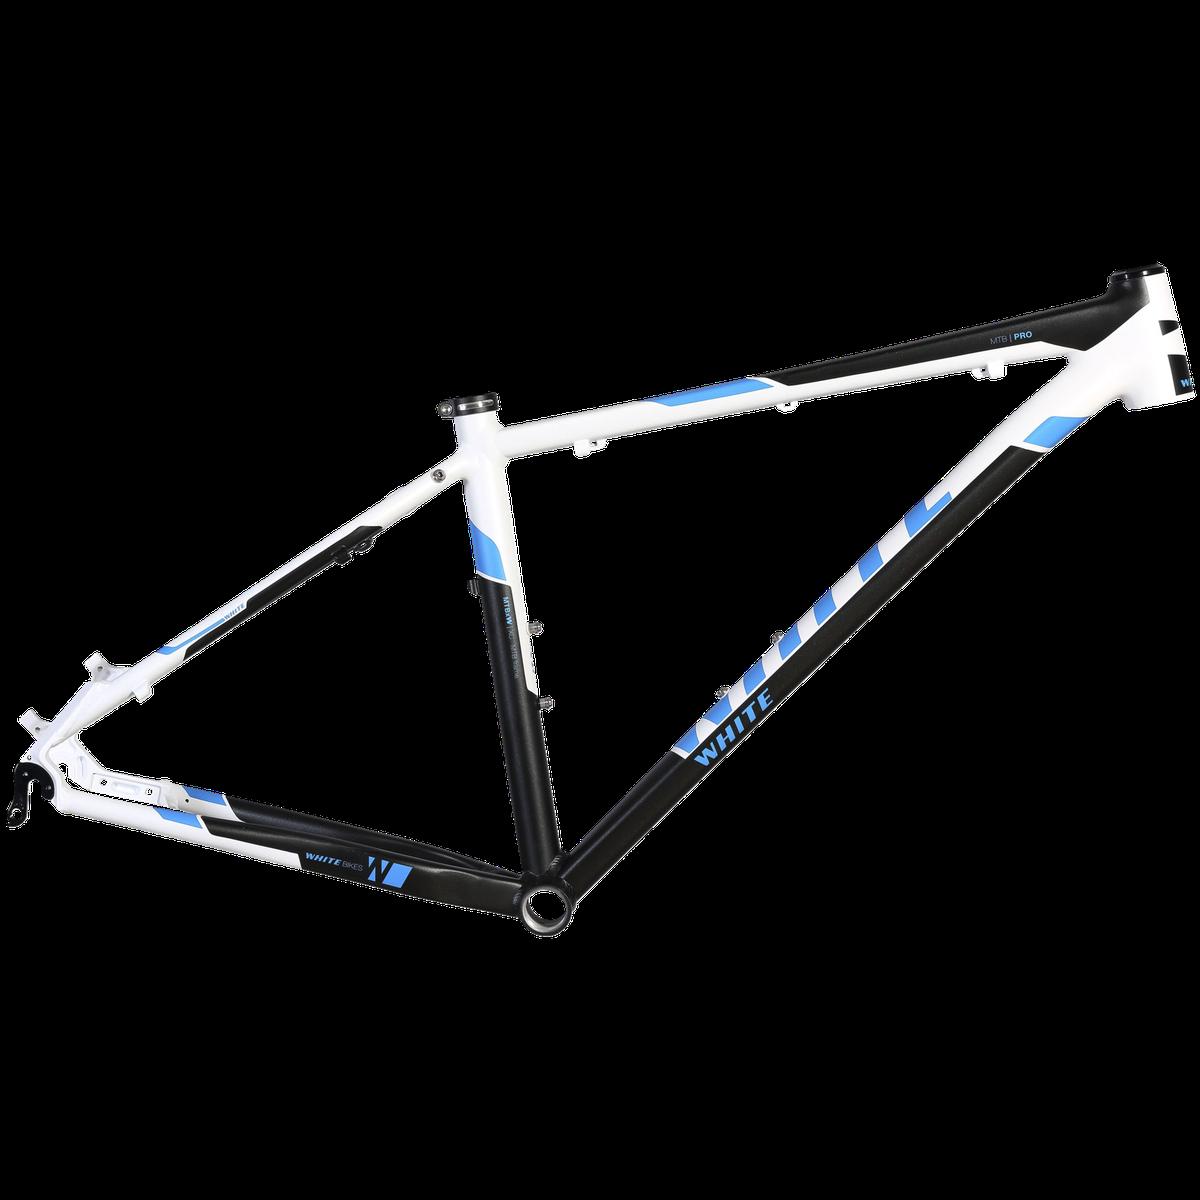 White Frame XC 275 Pro 16, cykelstel | Stel og rammer